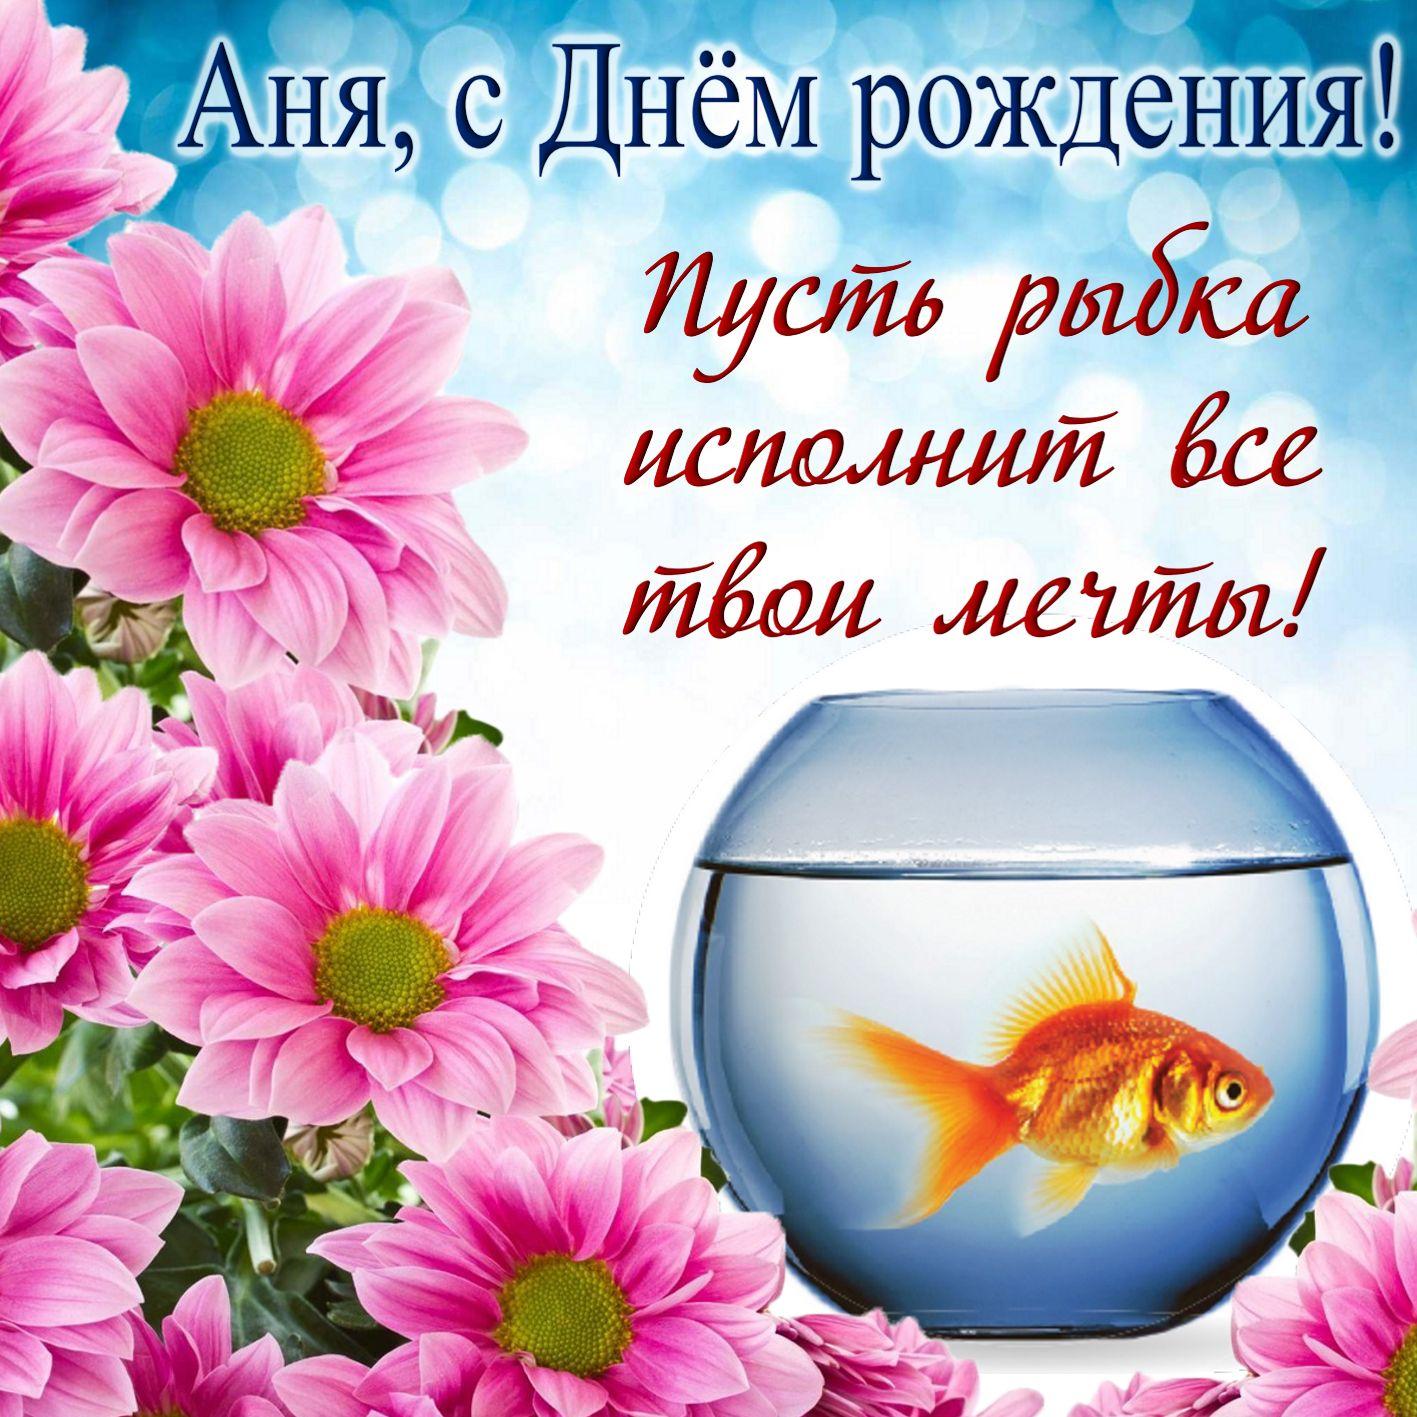 Золотая рыбка и цветы на День рождения Ане